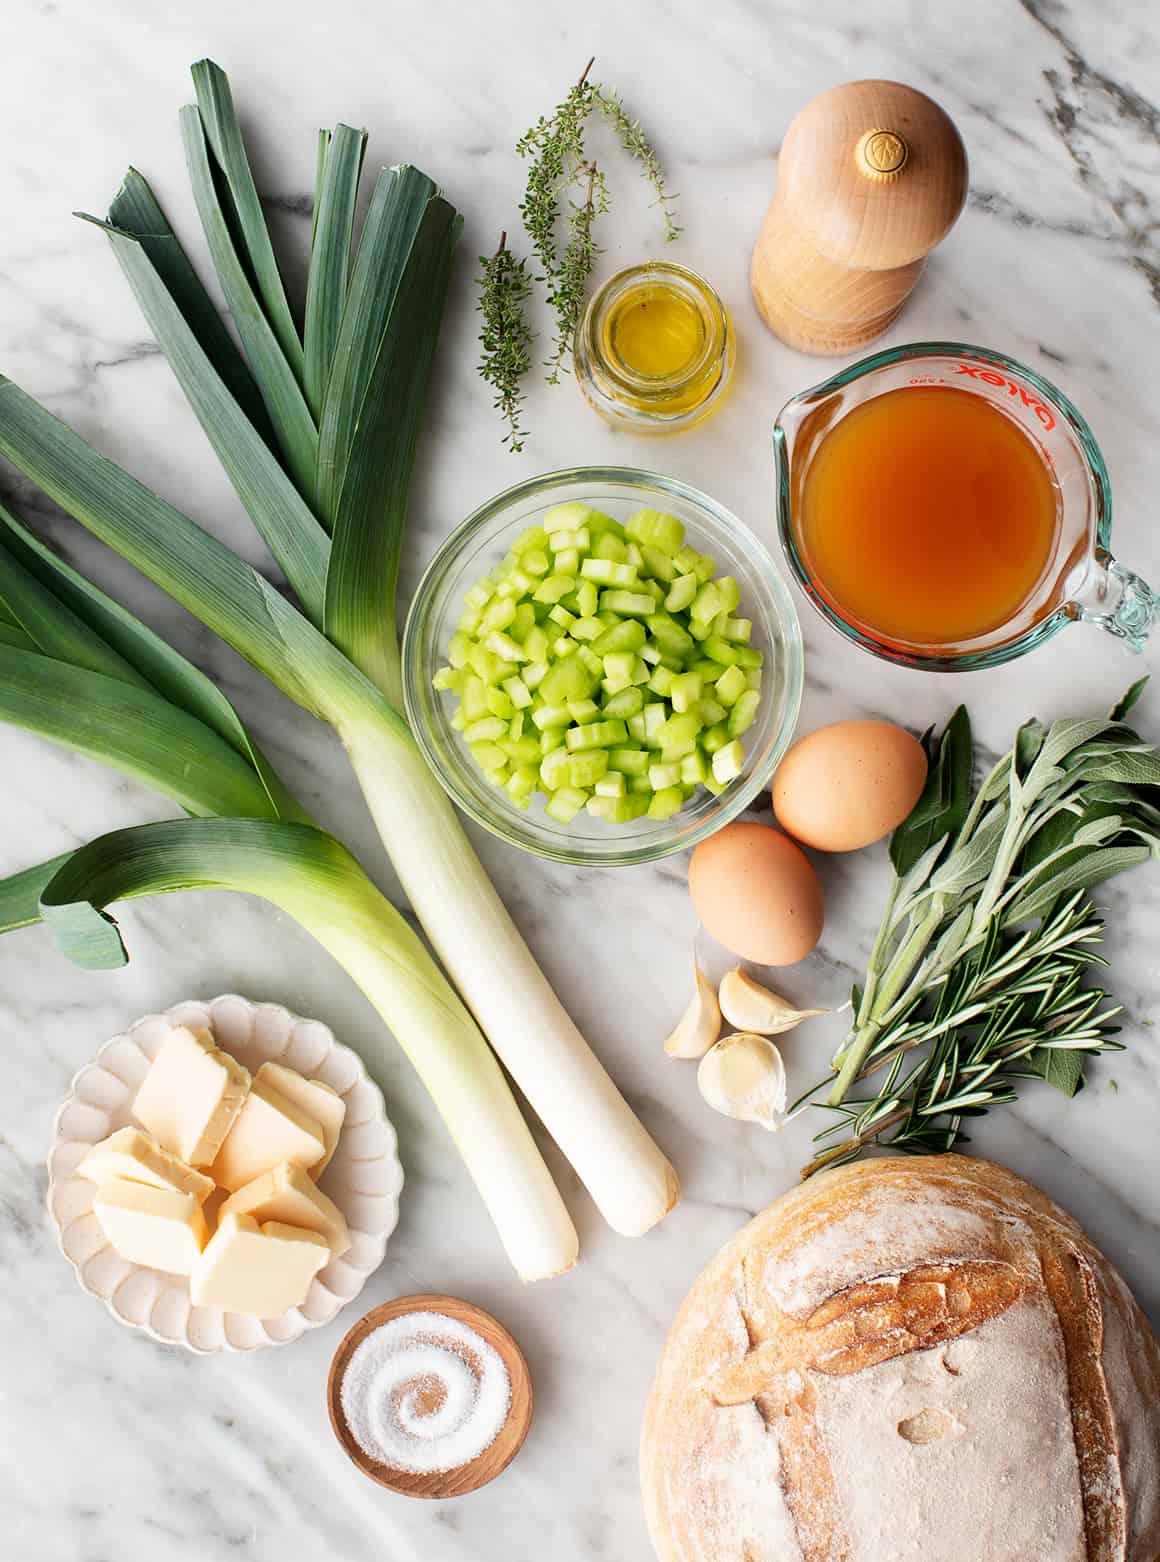 Homemade stuffing recipe ingredients